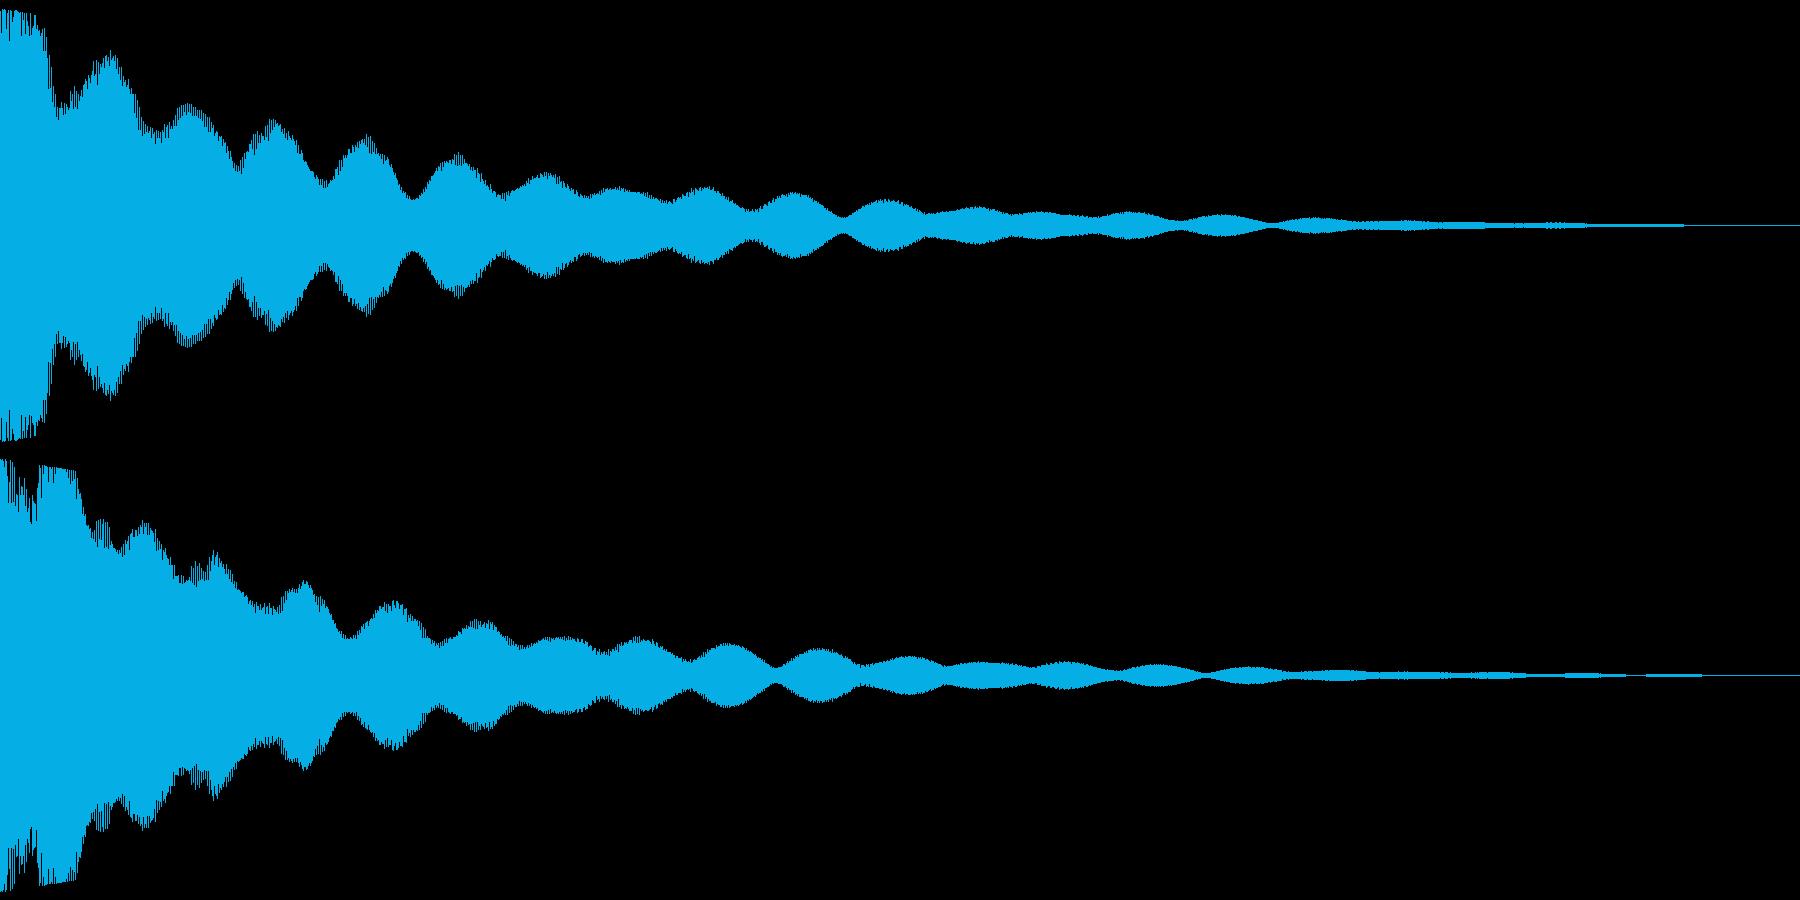 チーン 仏具の鐘、お鈴 ver.Aの再生済みの波形